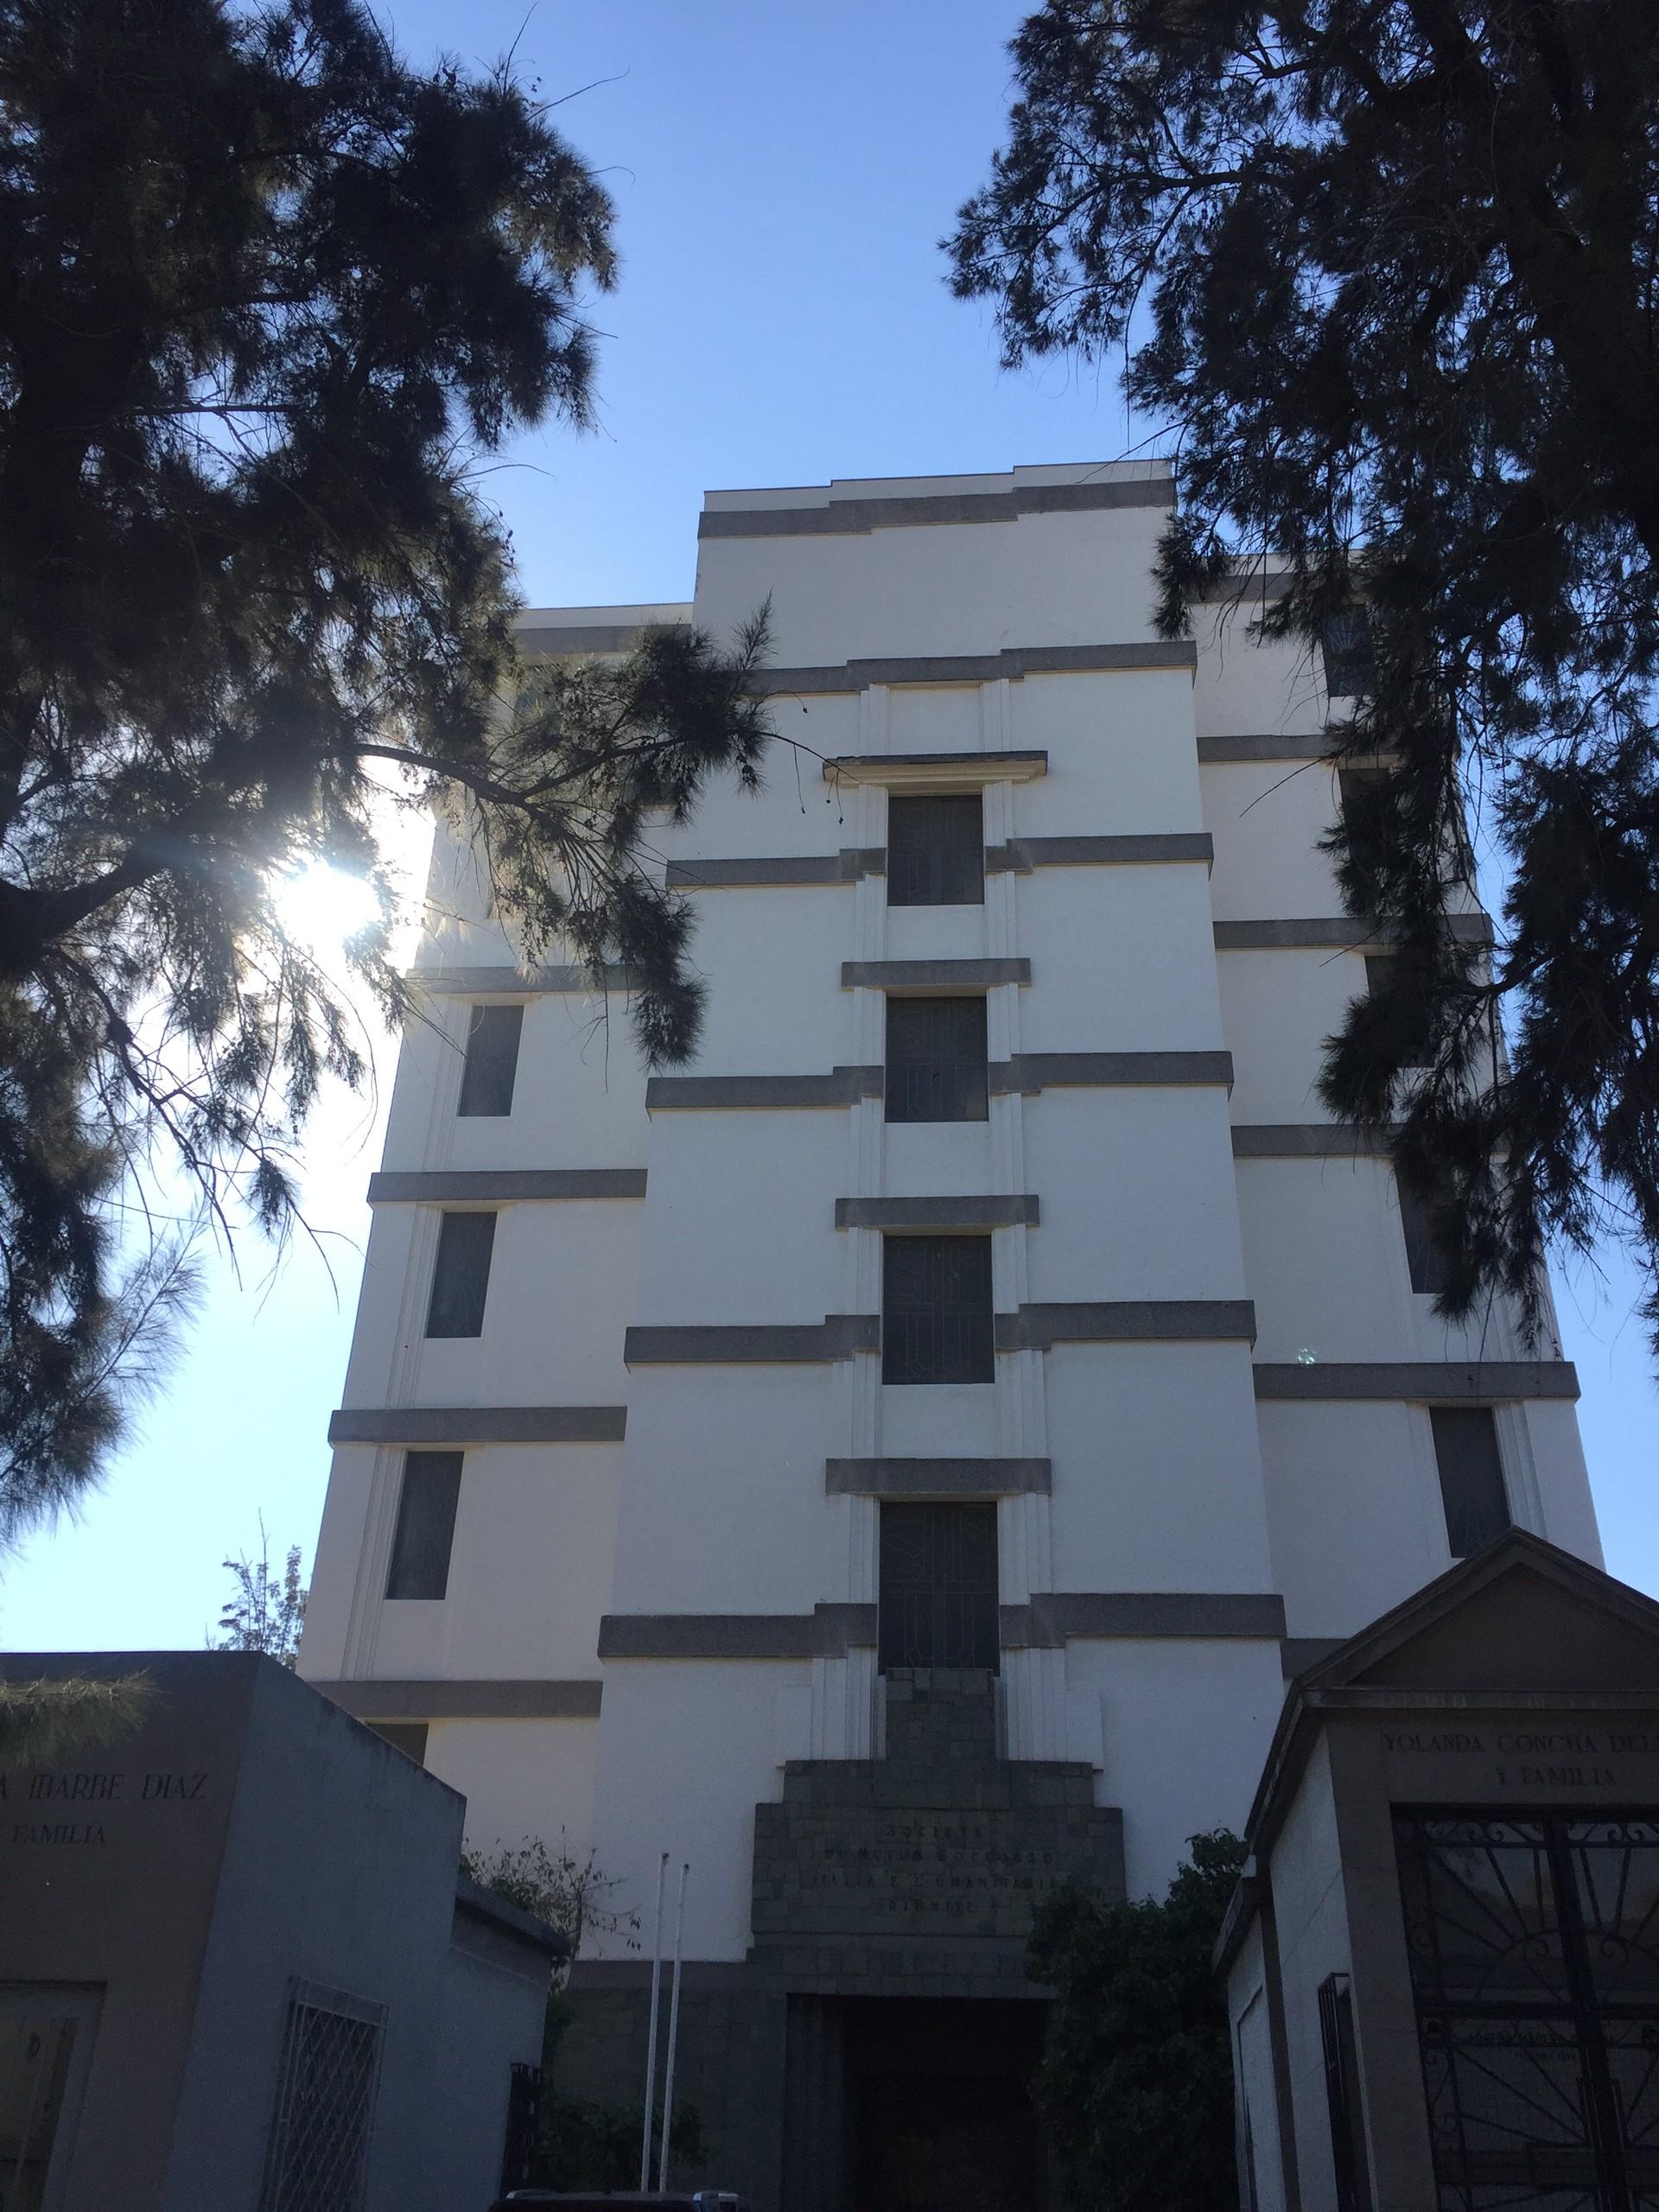 segundo-dia-santiago-valparaiso-6529aa55